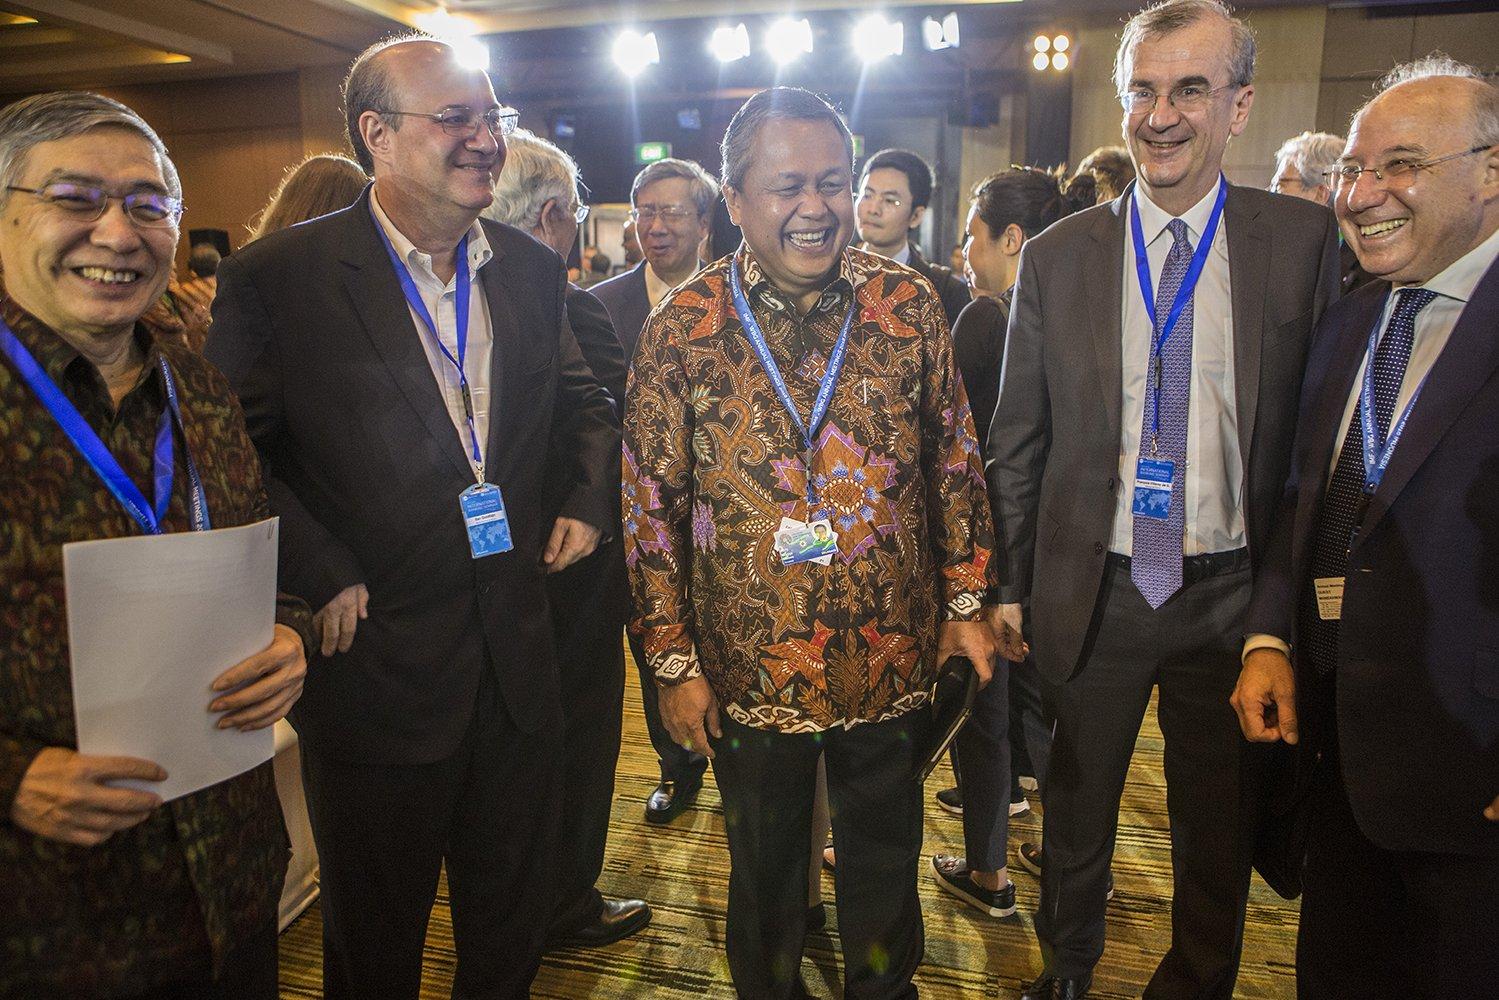 Gubernur Bank Indonesia, Perry Warjiyo, menyatakan bahwa koordinasi yang kuat dalam kepanitiaan telah menjadi kunci sukses pelaksanaan kegiatan. Pertermuan Tahunan IMF-Bank Dunia 2018 telah mampu menunjukkan Indonesia yang reformed, berdaya tahan, dan progresif.